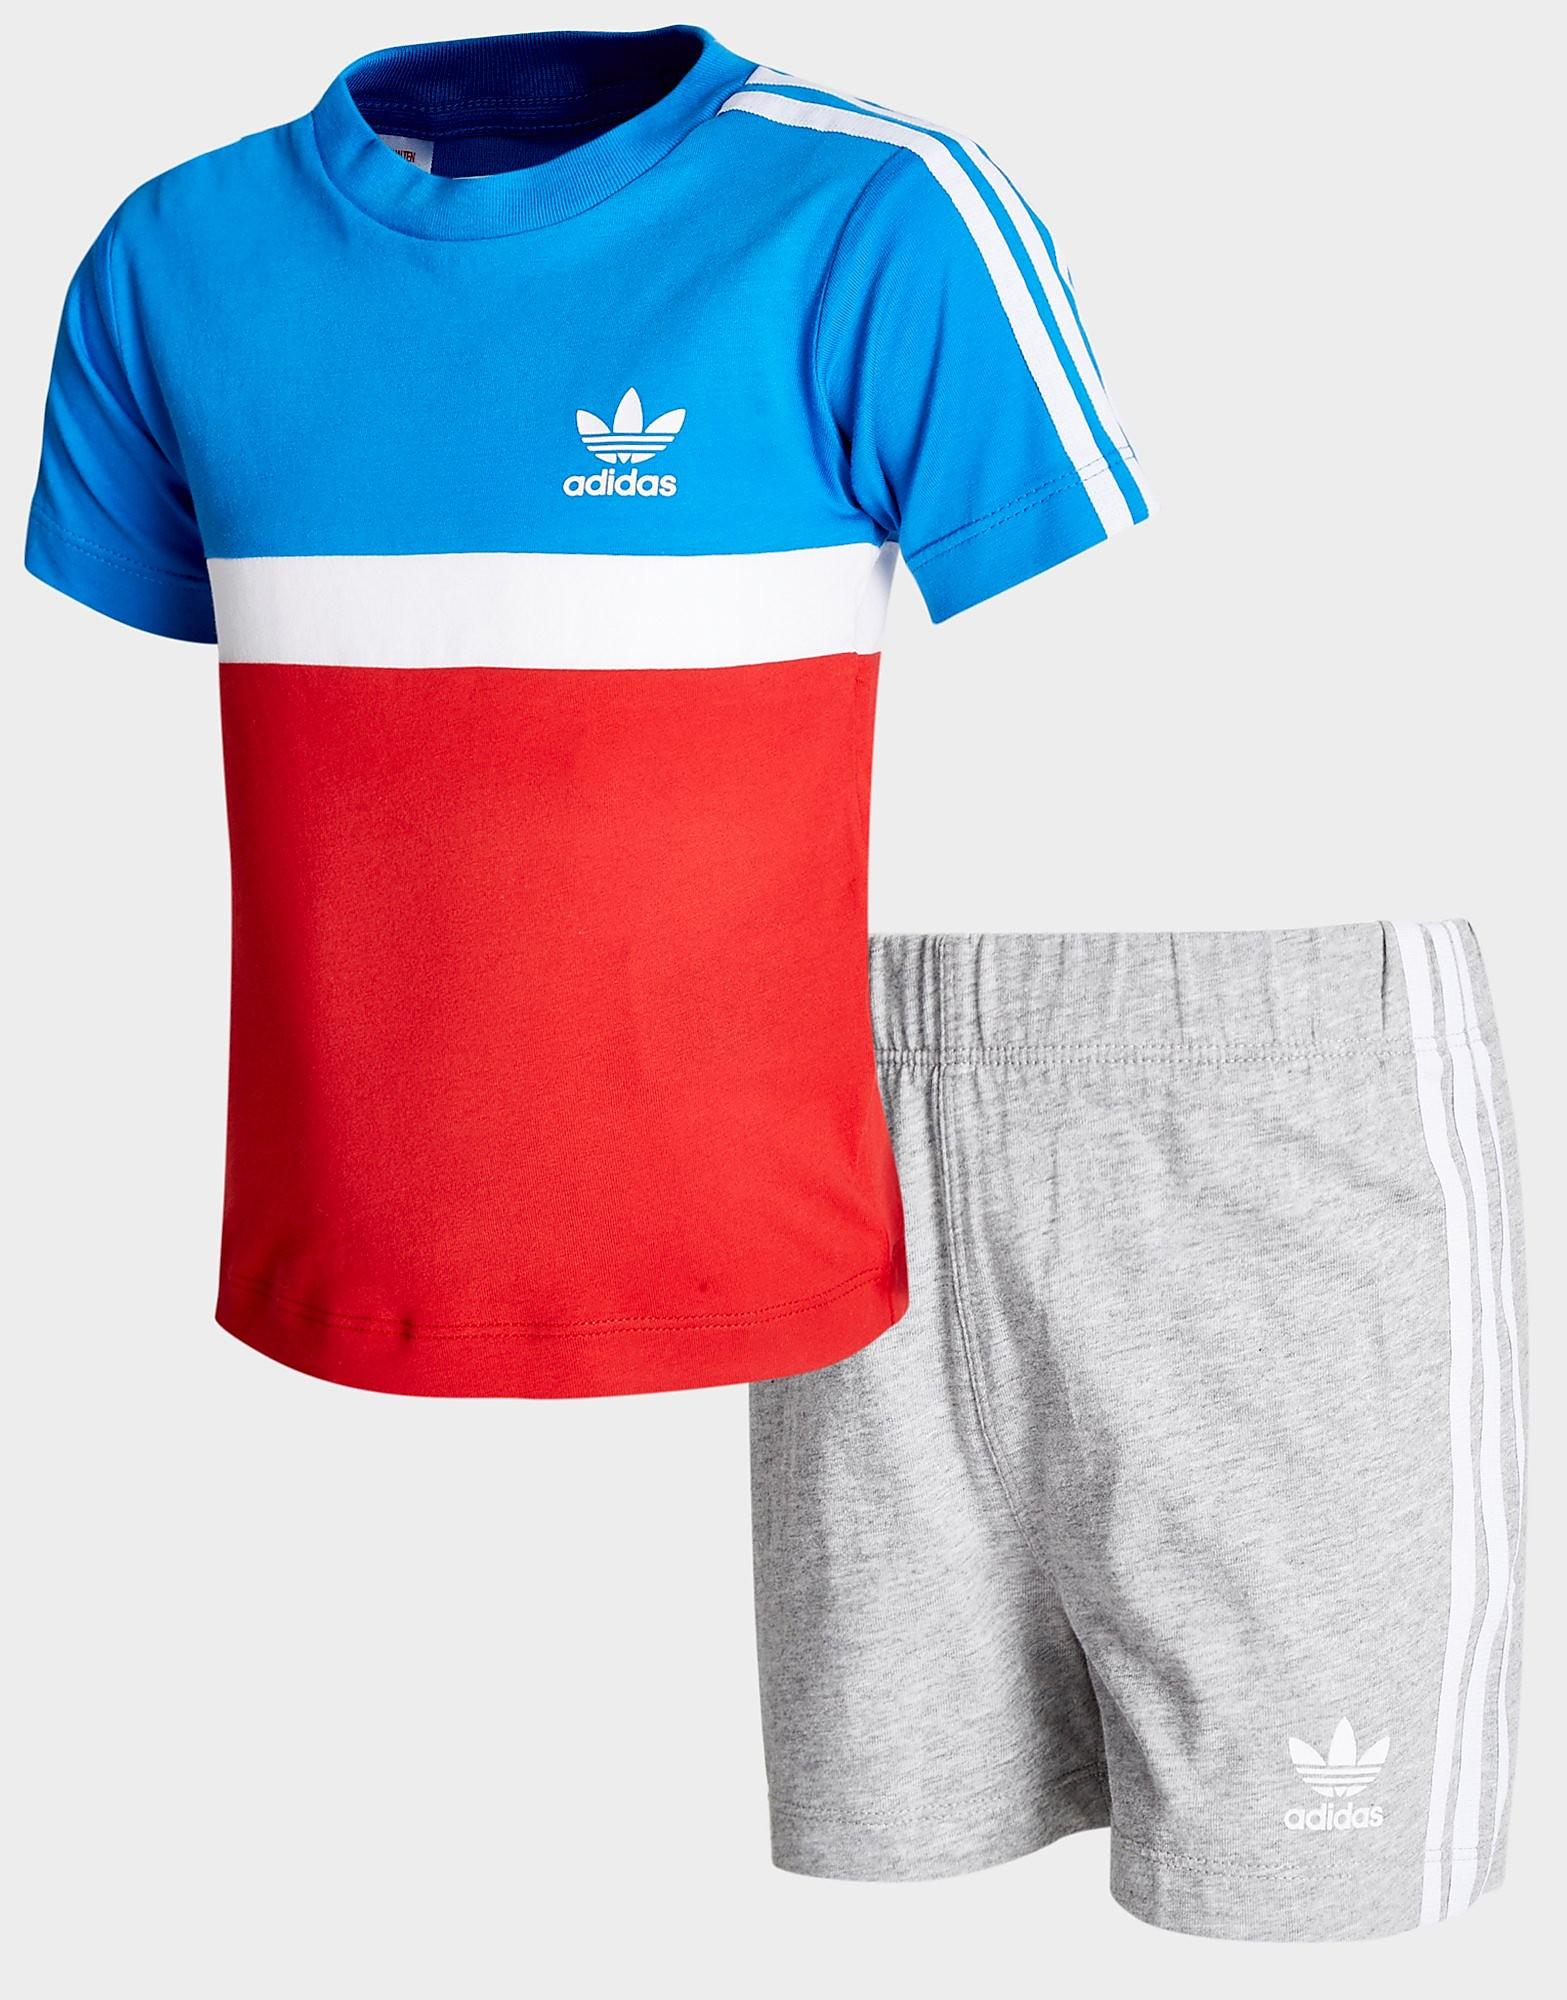 adidas Originals Ensemble Itasca T-Shirt/Shorts Bébé